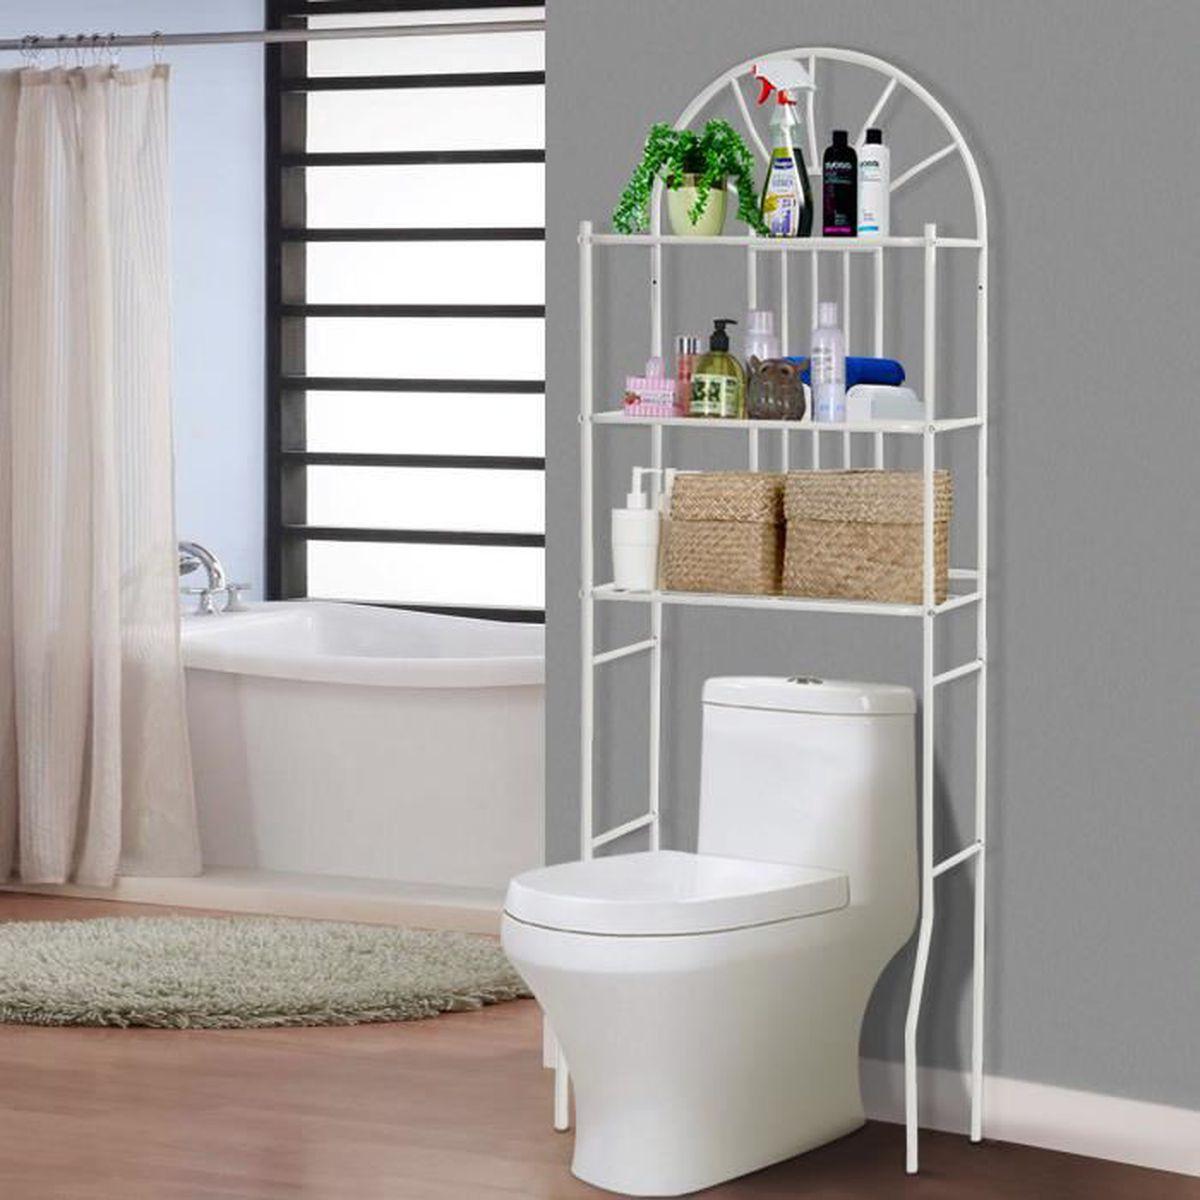 Meuble Salle De Bain Pour Machine A Laver costway meuble/etagère dessus toilettes/wc/machine à laver